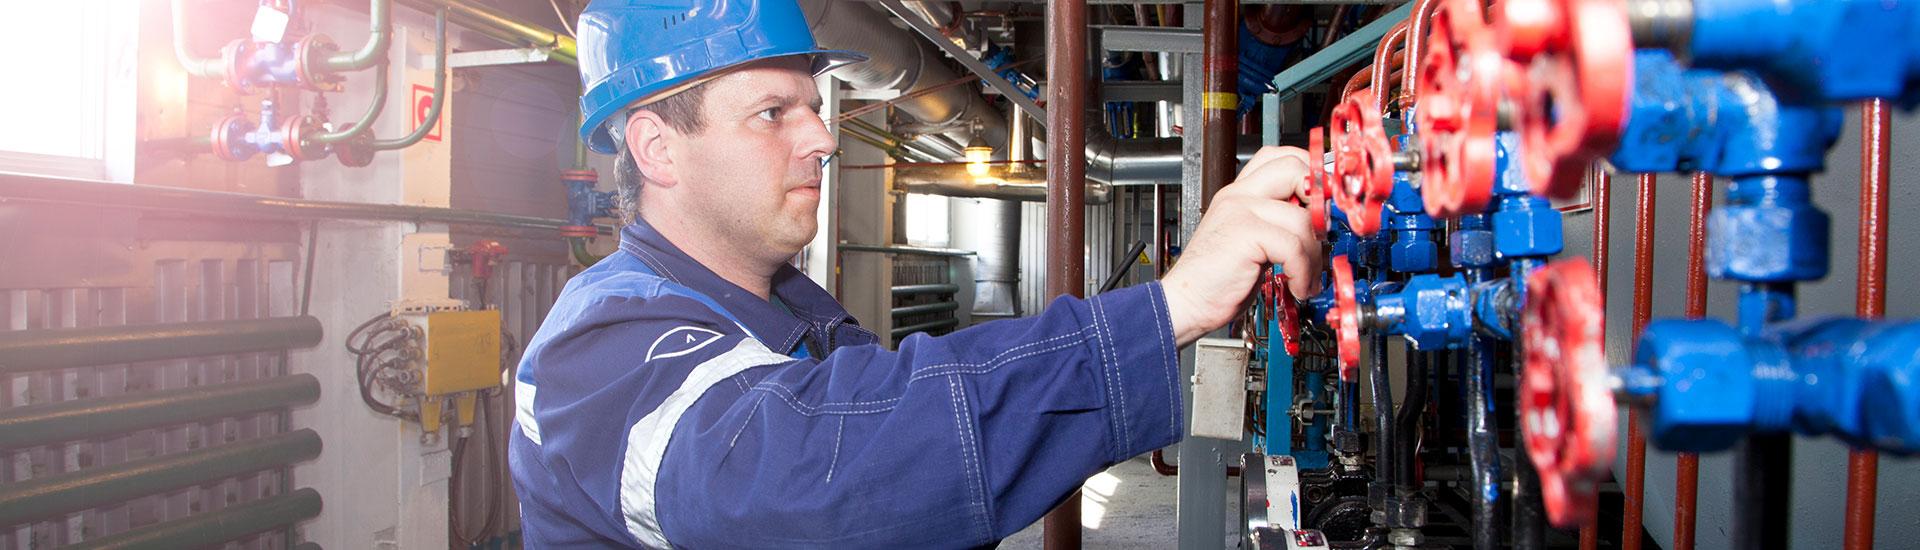 Heating Installation in Los Alamos, NM, Los Luna, NM, Belen, NM